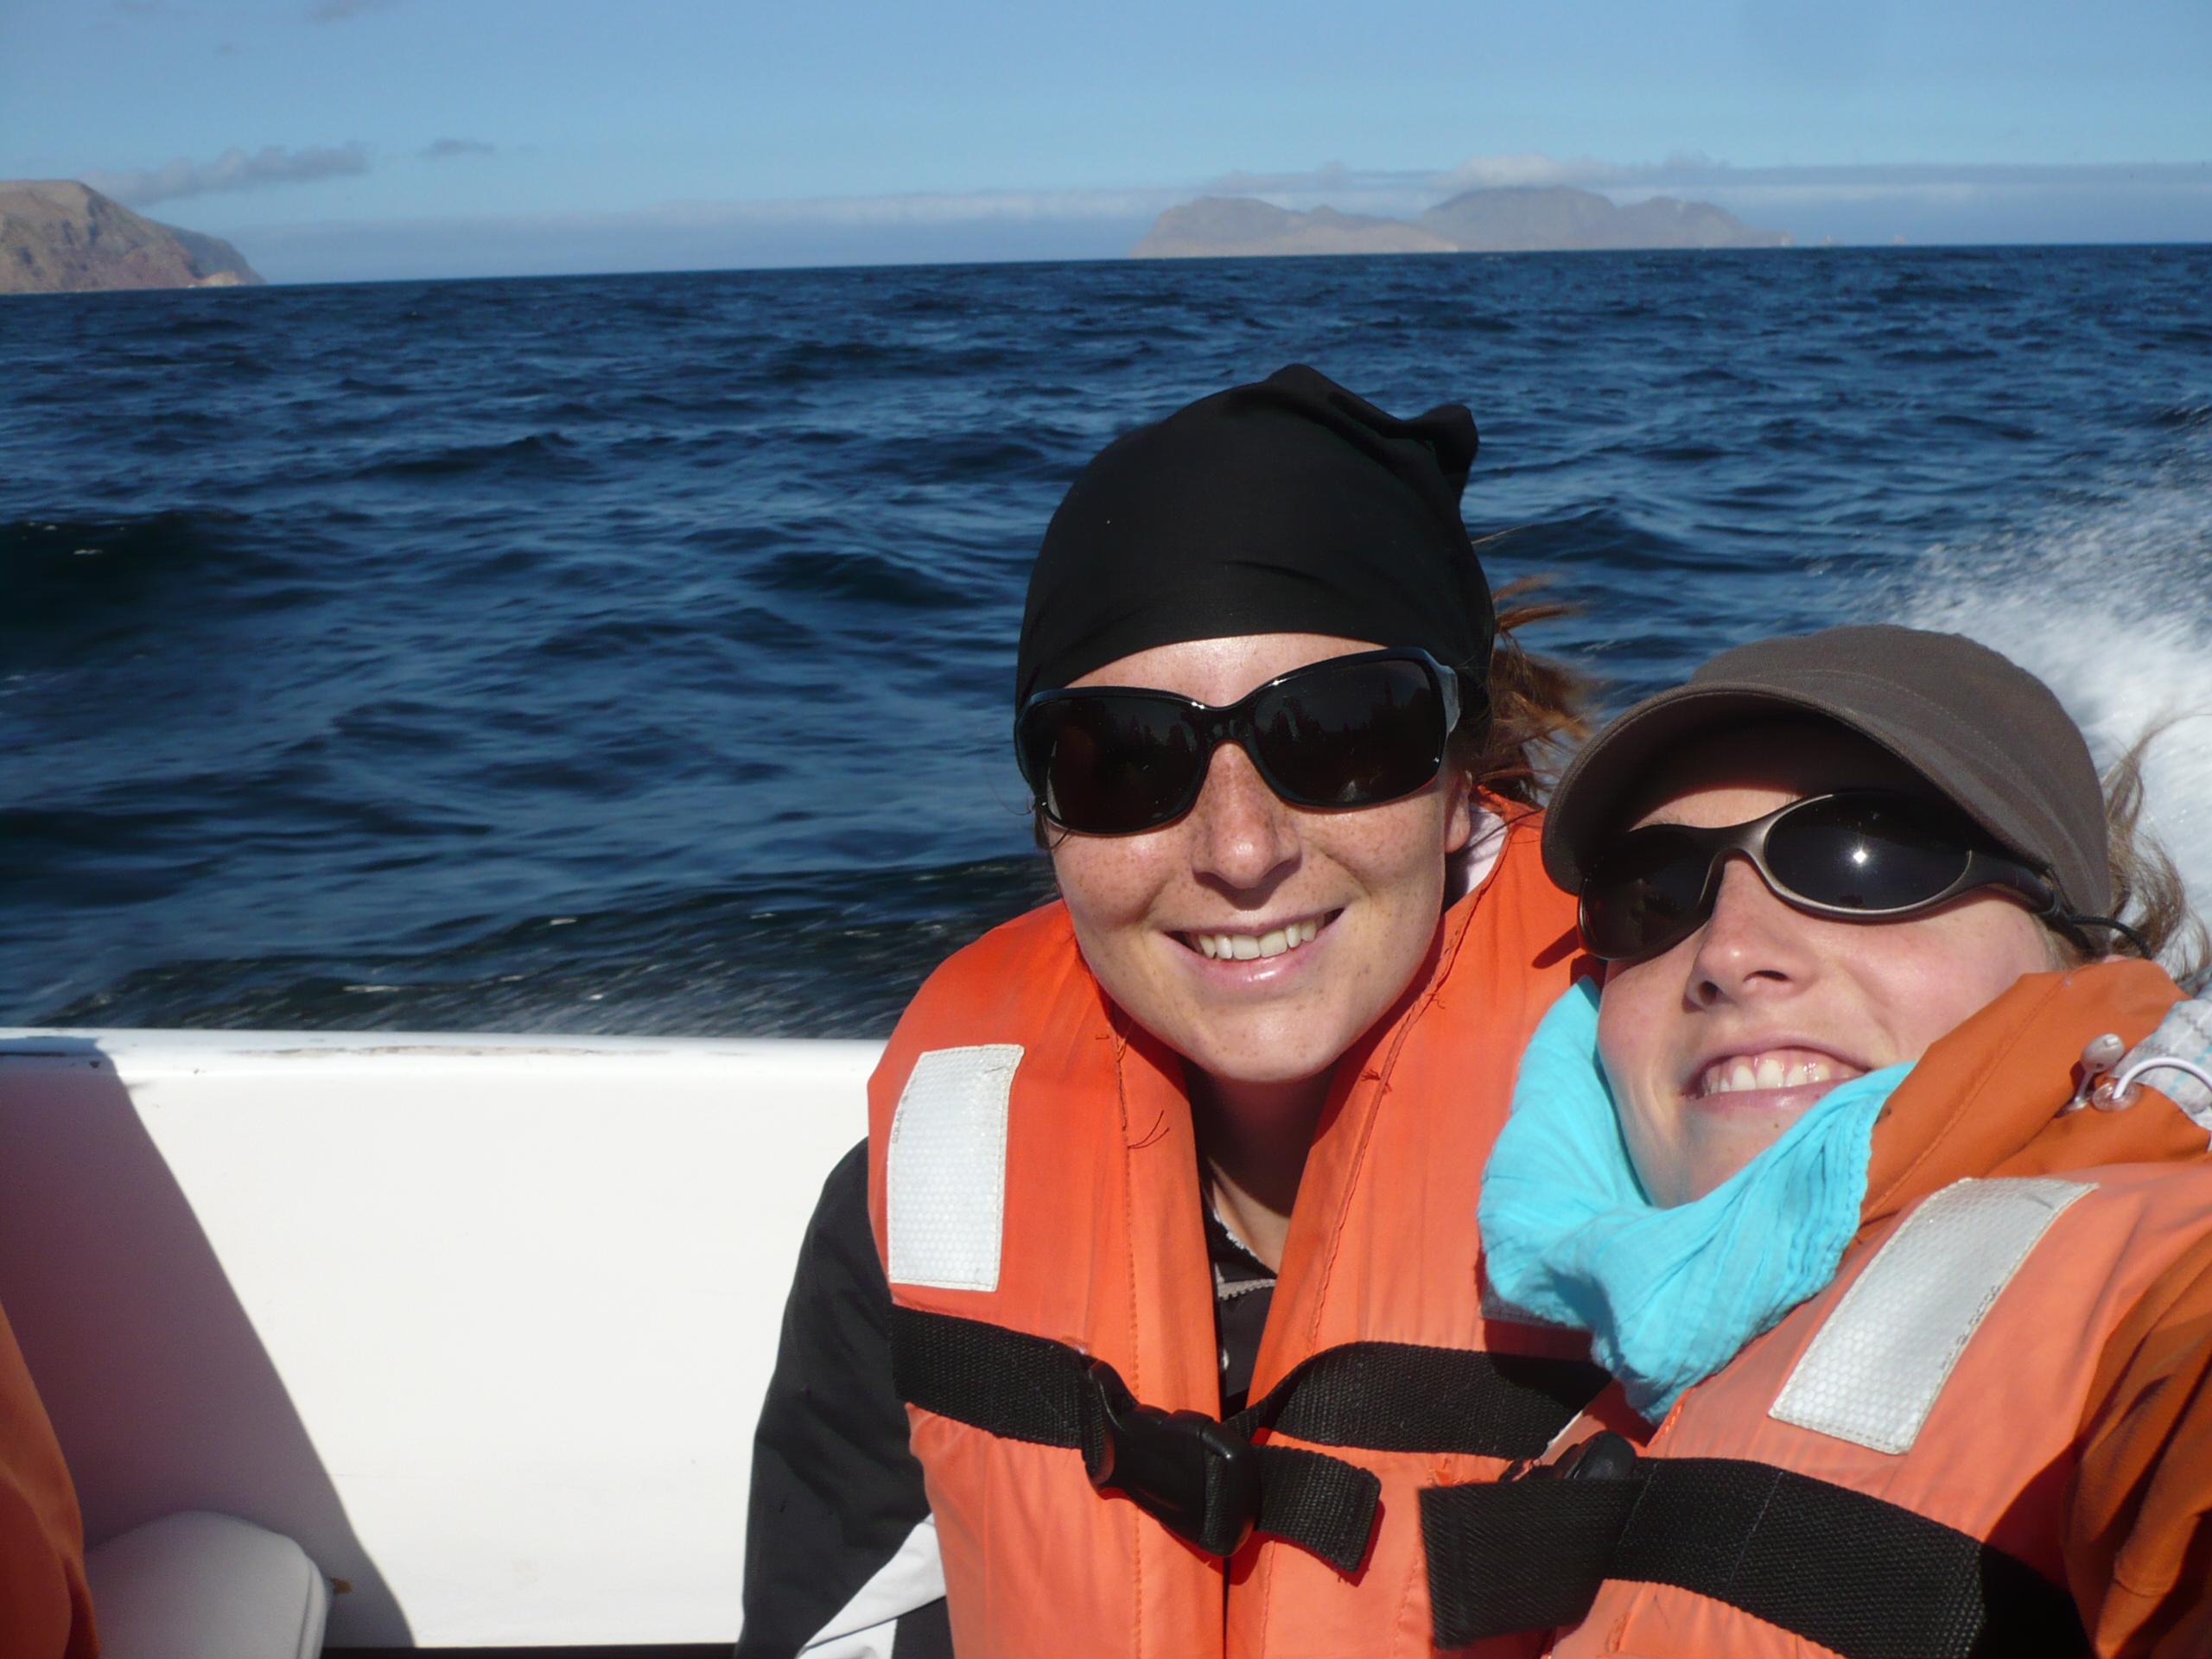 Sur le bateau, en route pour les iles Ballestas